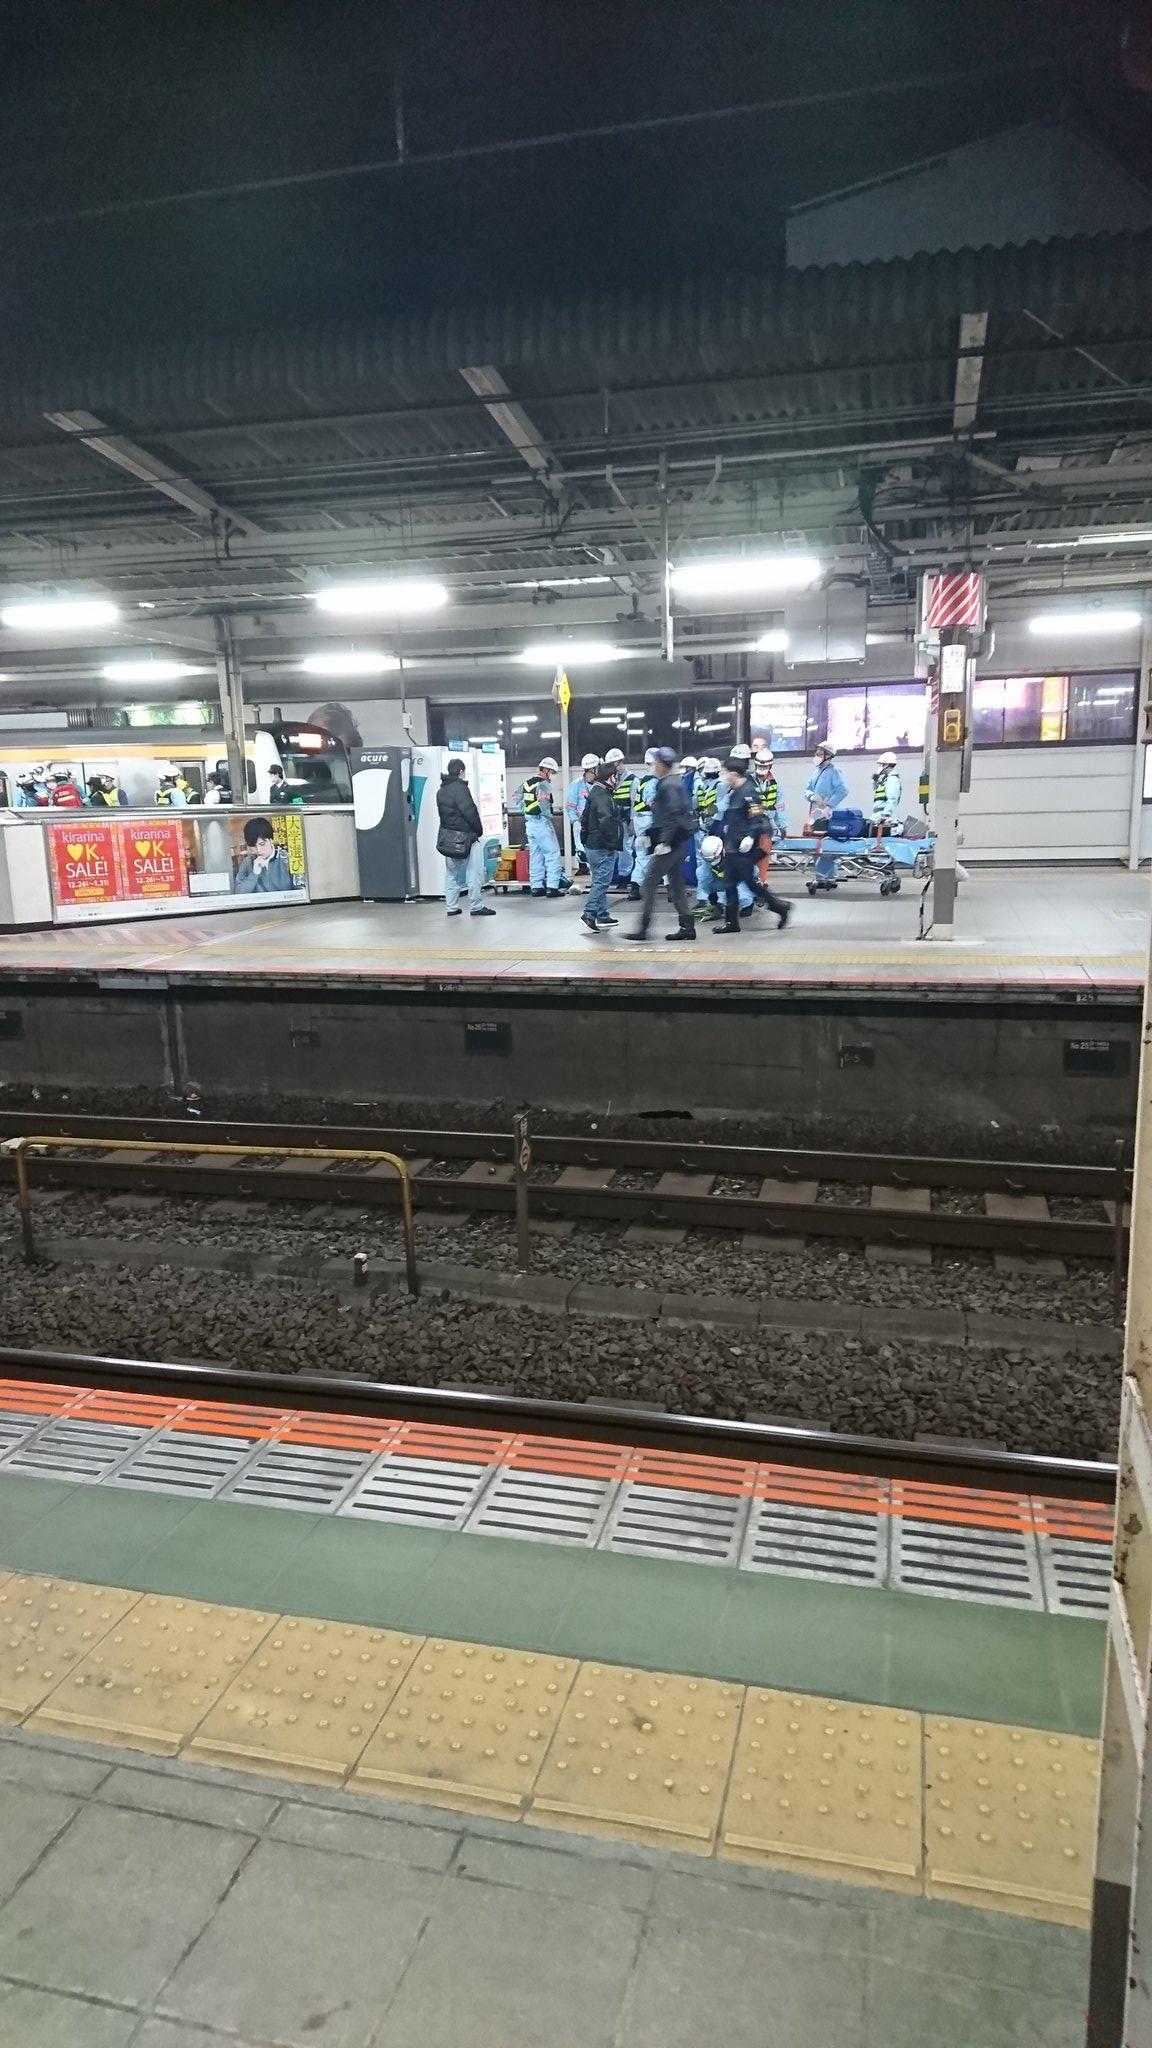 吉祥寺駅で人身事故が発生し救護活動している画像